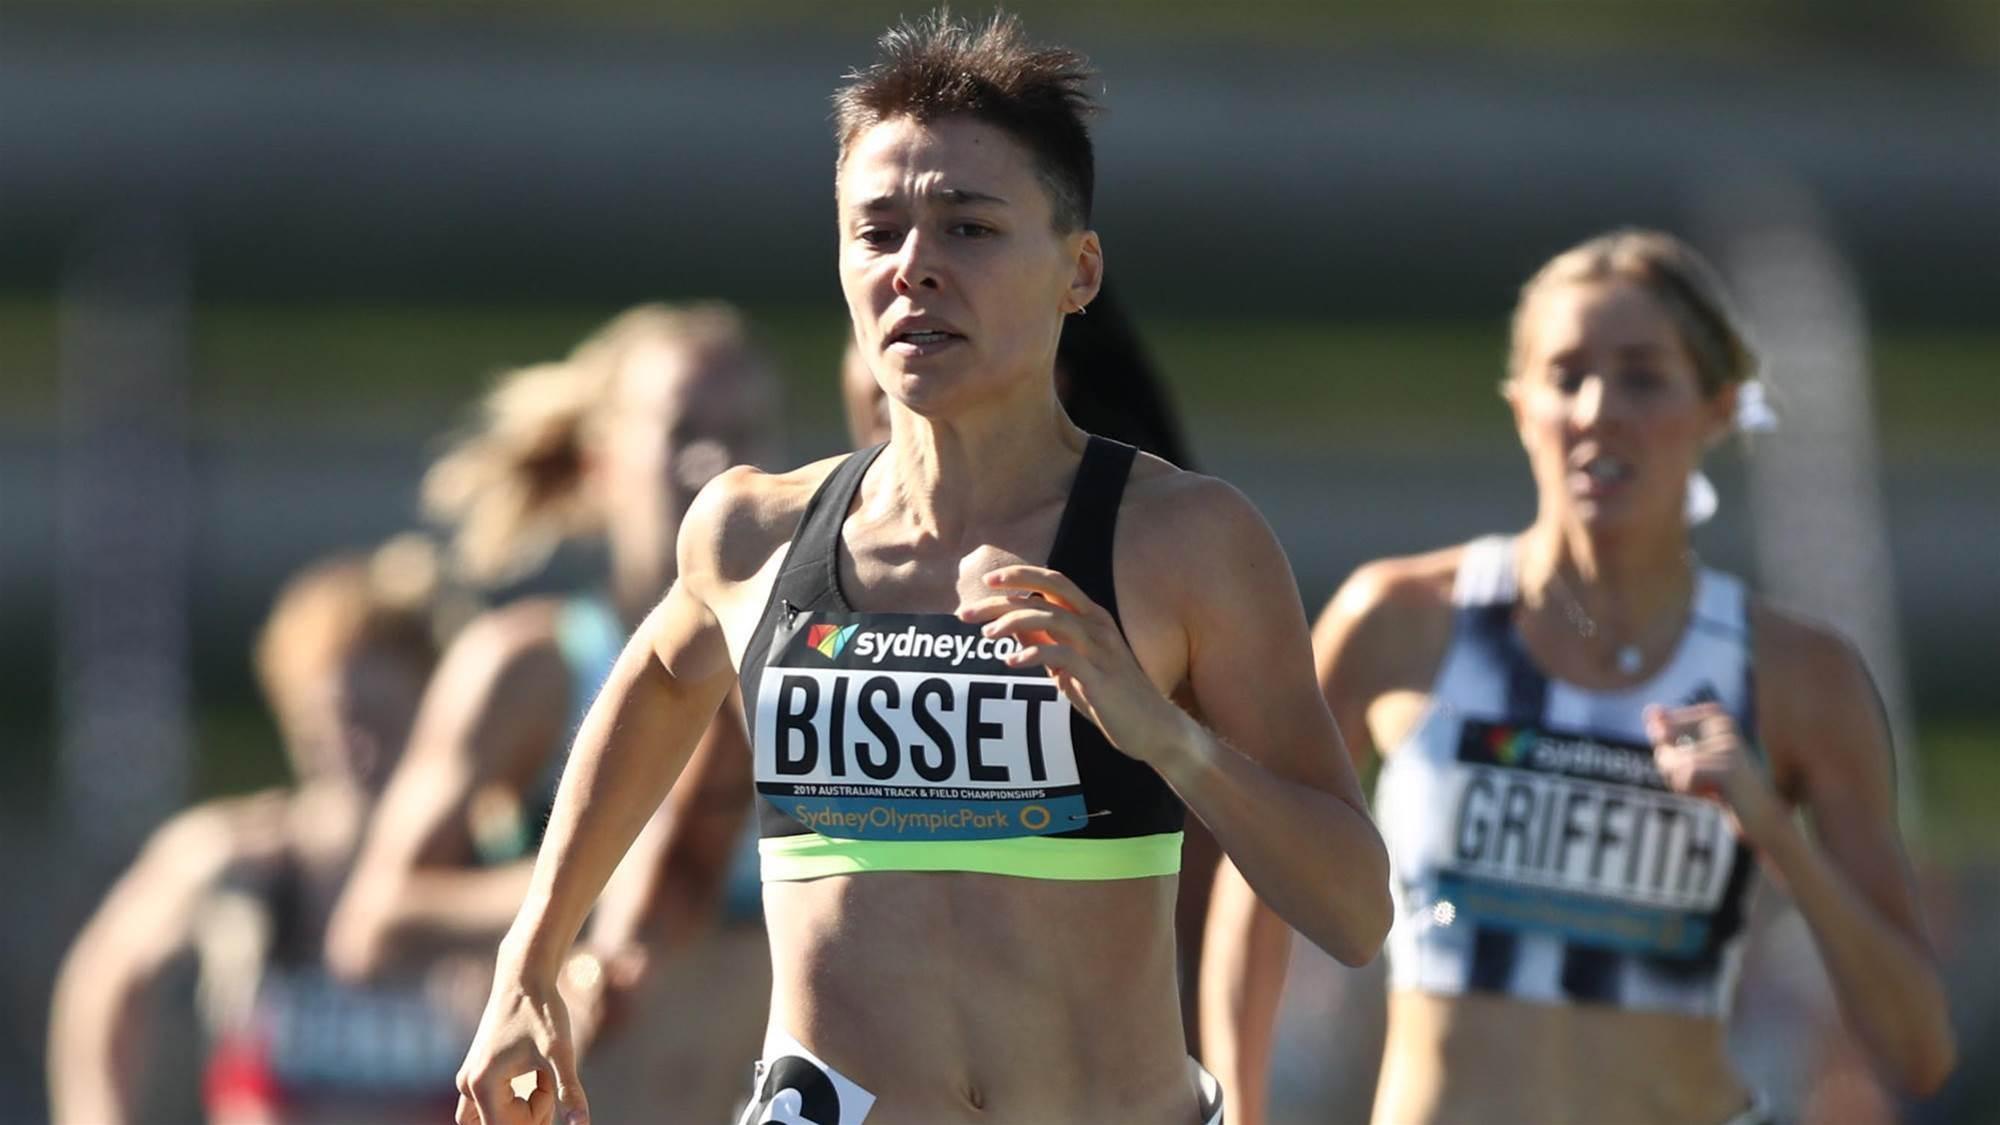 Bisset breaks sub-2 minutes barrier